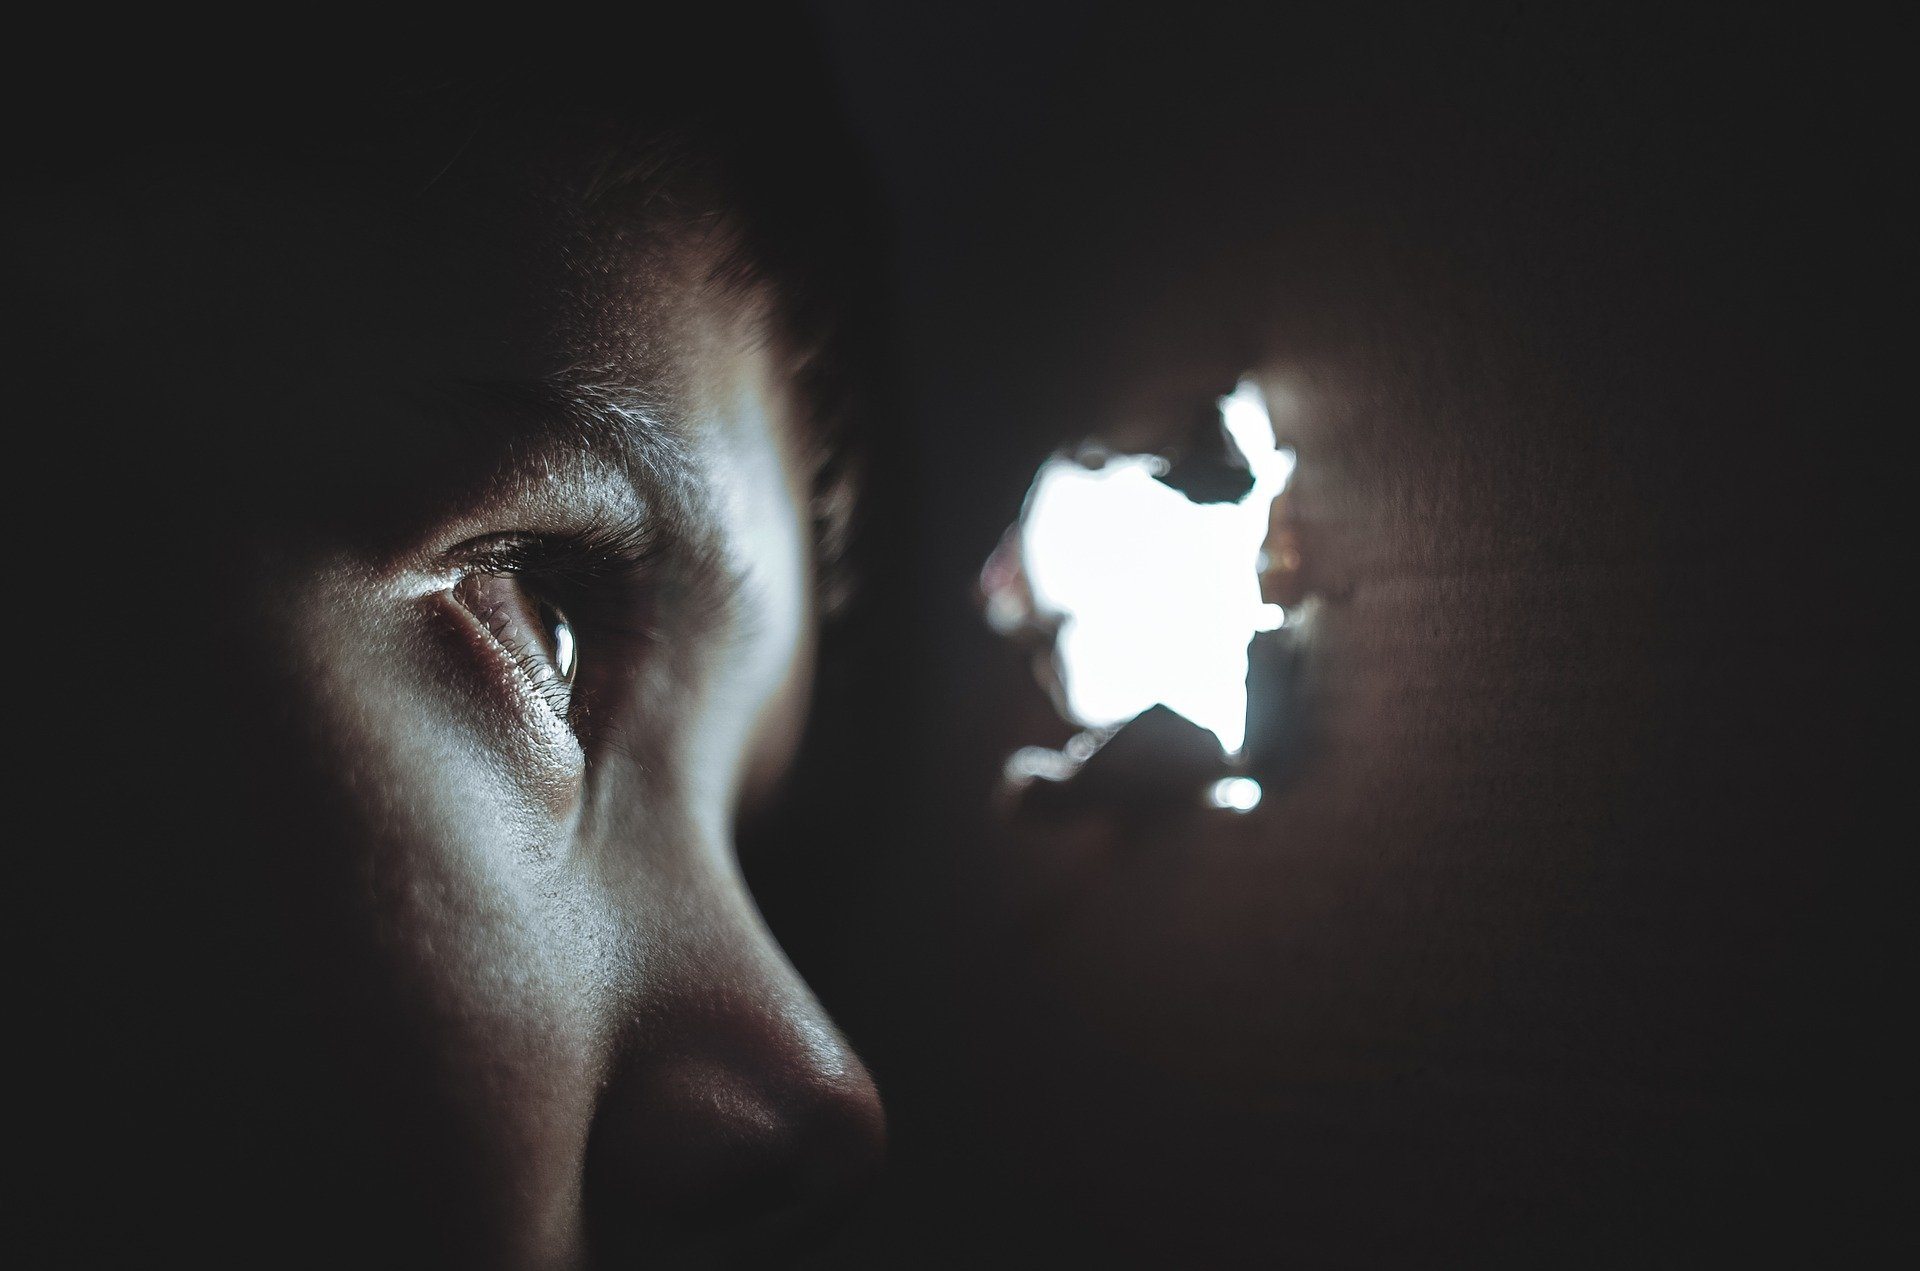 Hur ser och upptäcker du varningssignaler hos en förövare, en misshandlare, och en som gör dig illa.